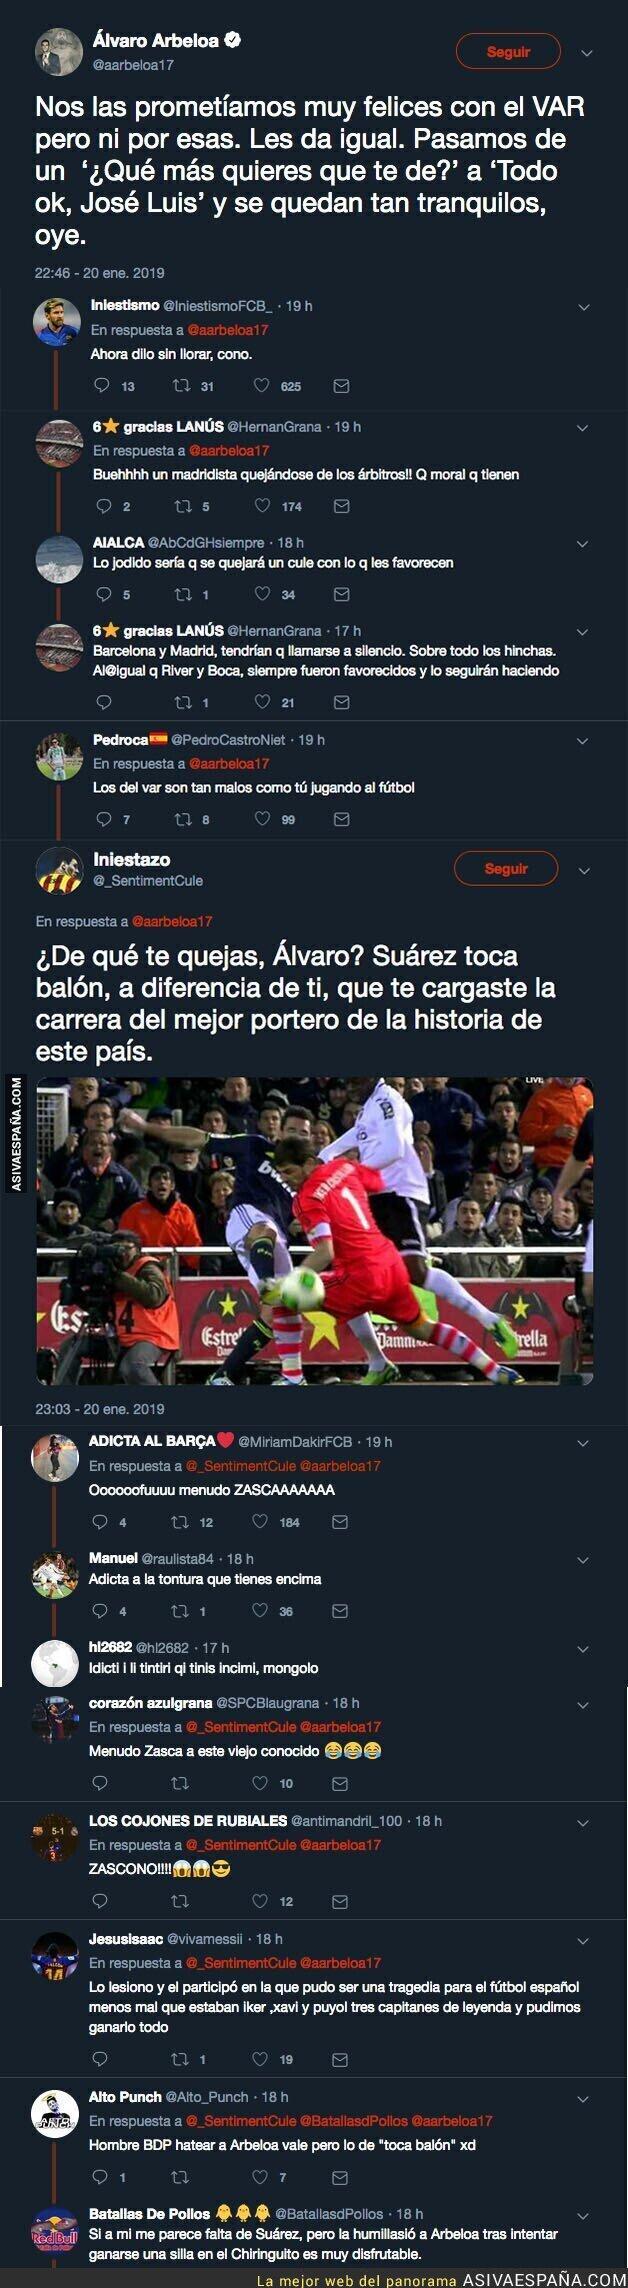 103063 - Arbeloa se queja del VAR tras un partido del Barça y un usuario de Twitter le responde de forma que le deja temblando